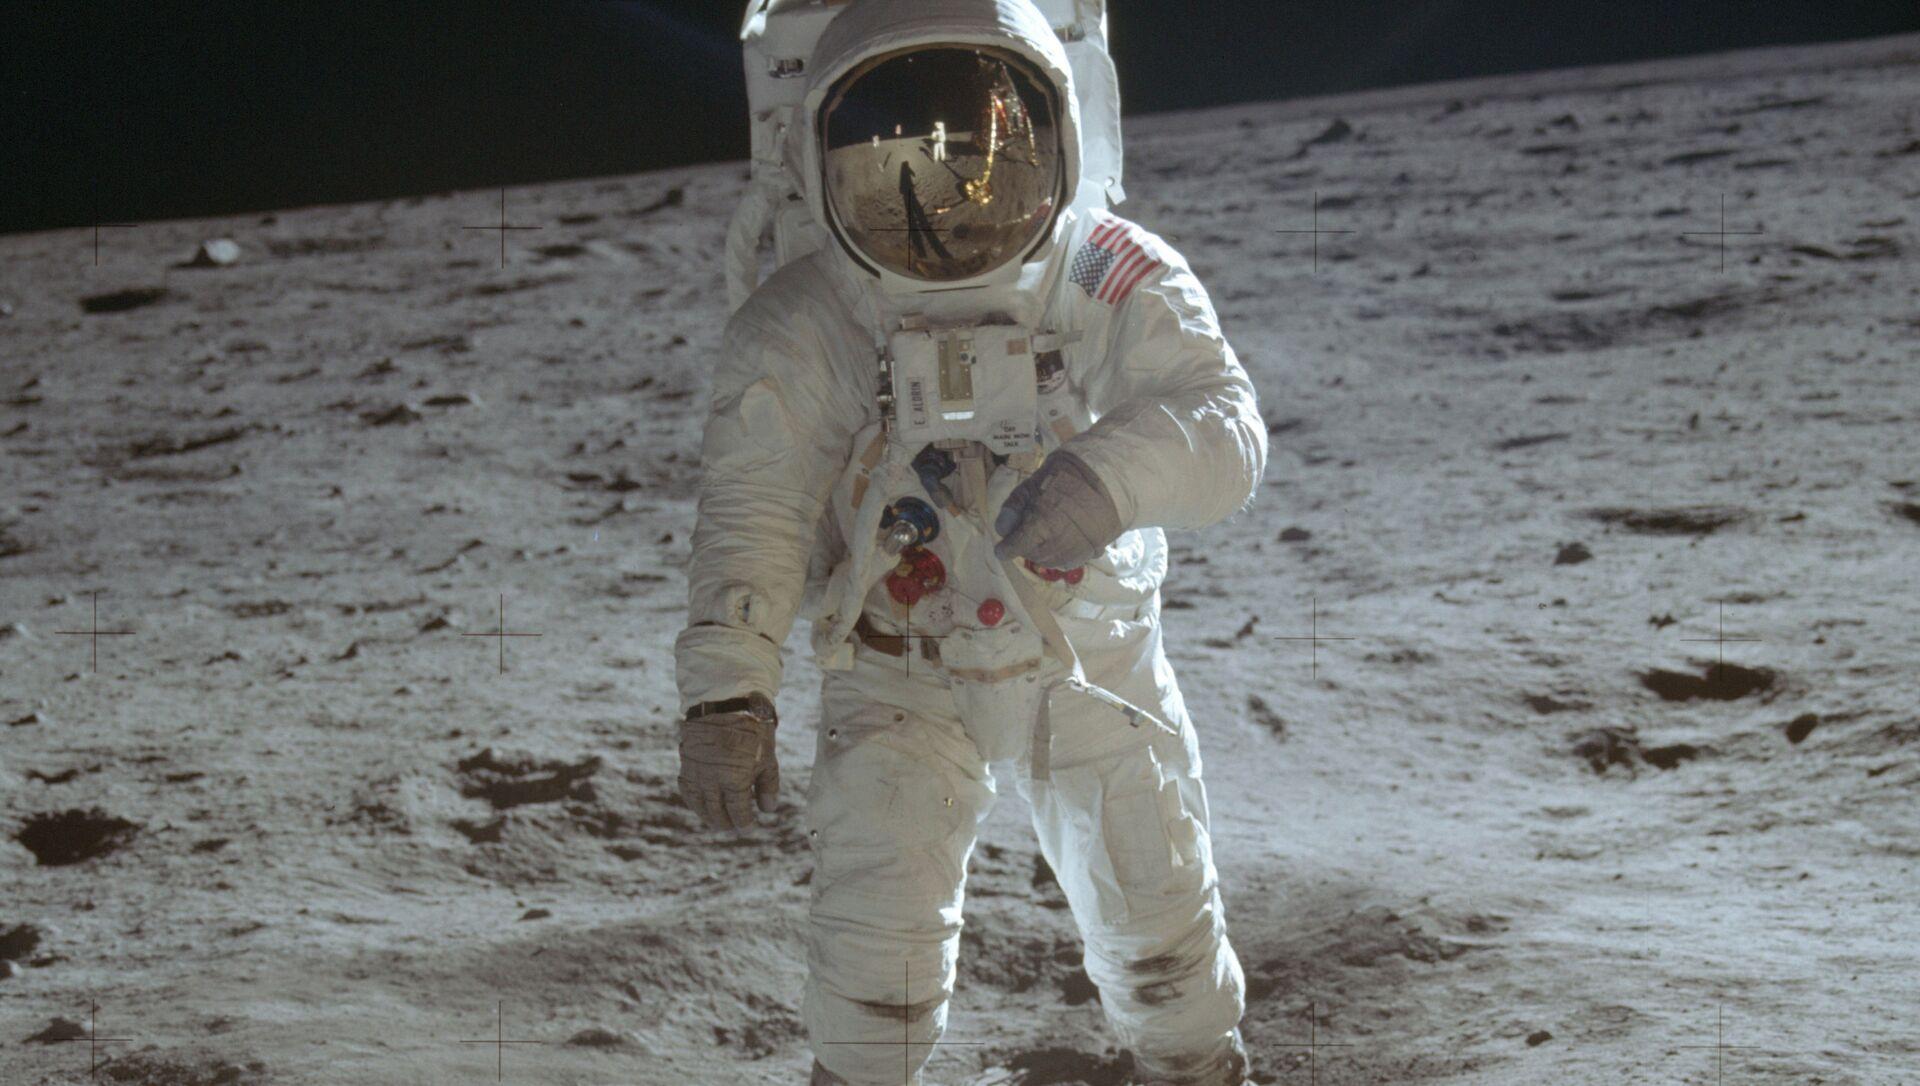 NASAの宇宙飛行士 宇宙船墜落時の救助をロシア語で感謝 - Sputnik 日本, 1920, 12.10.2021